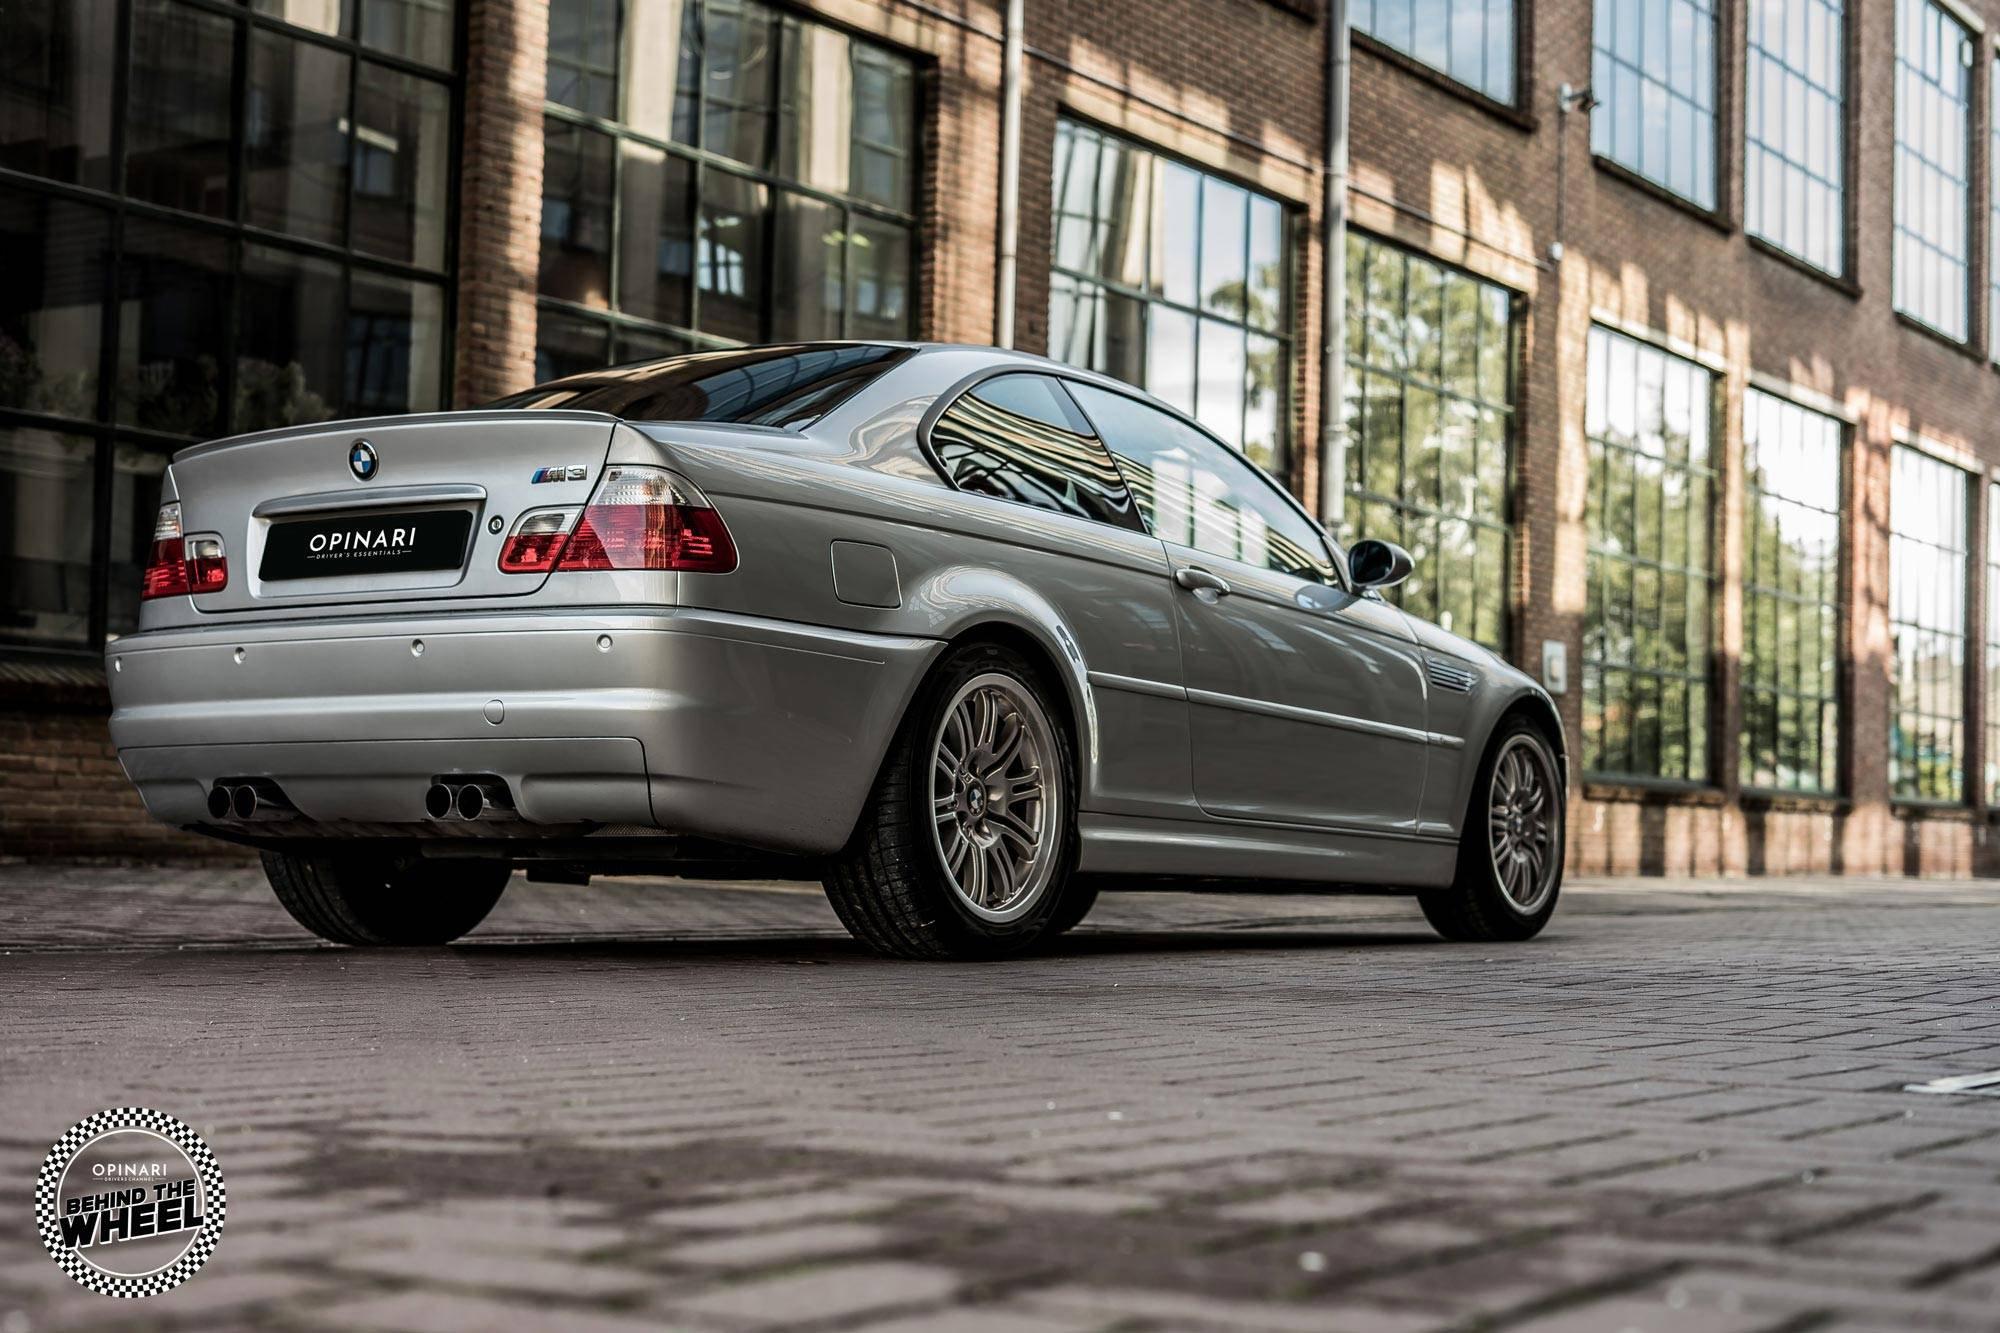 BMW M3 E46 back